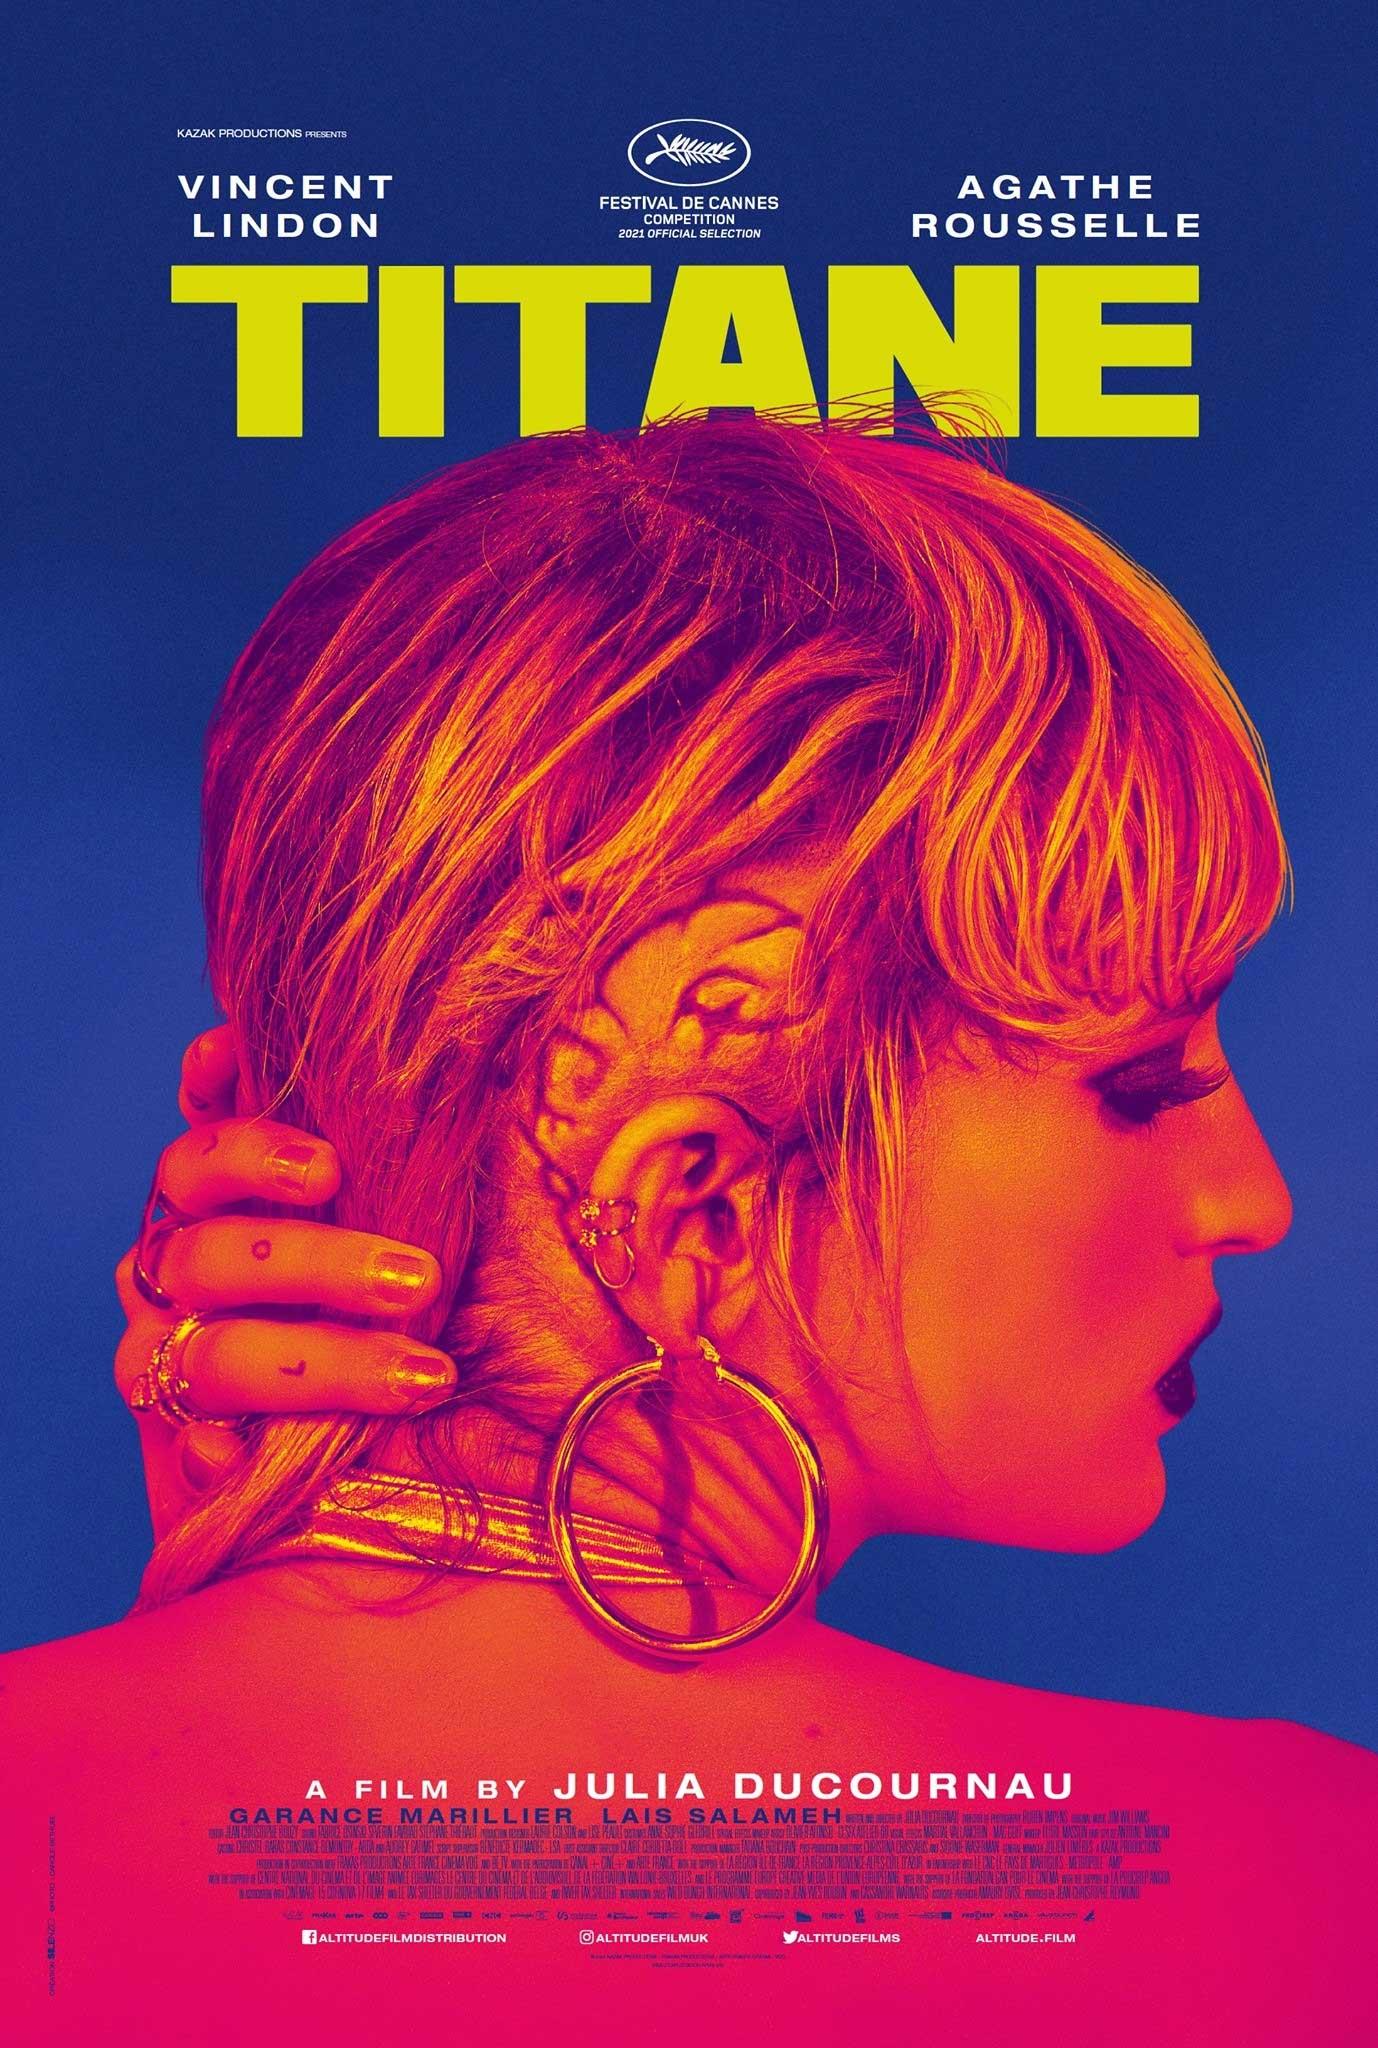 Titane di Julia Ducournau: il poster del film vincitore della Palma d'Oro al Festival di Cannes 74